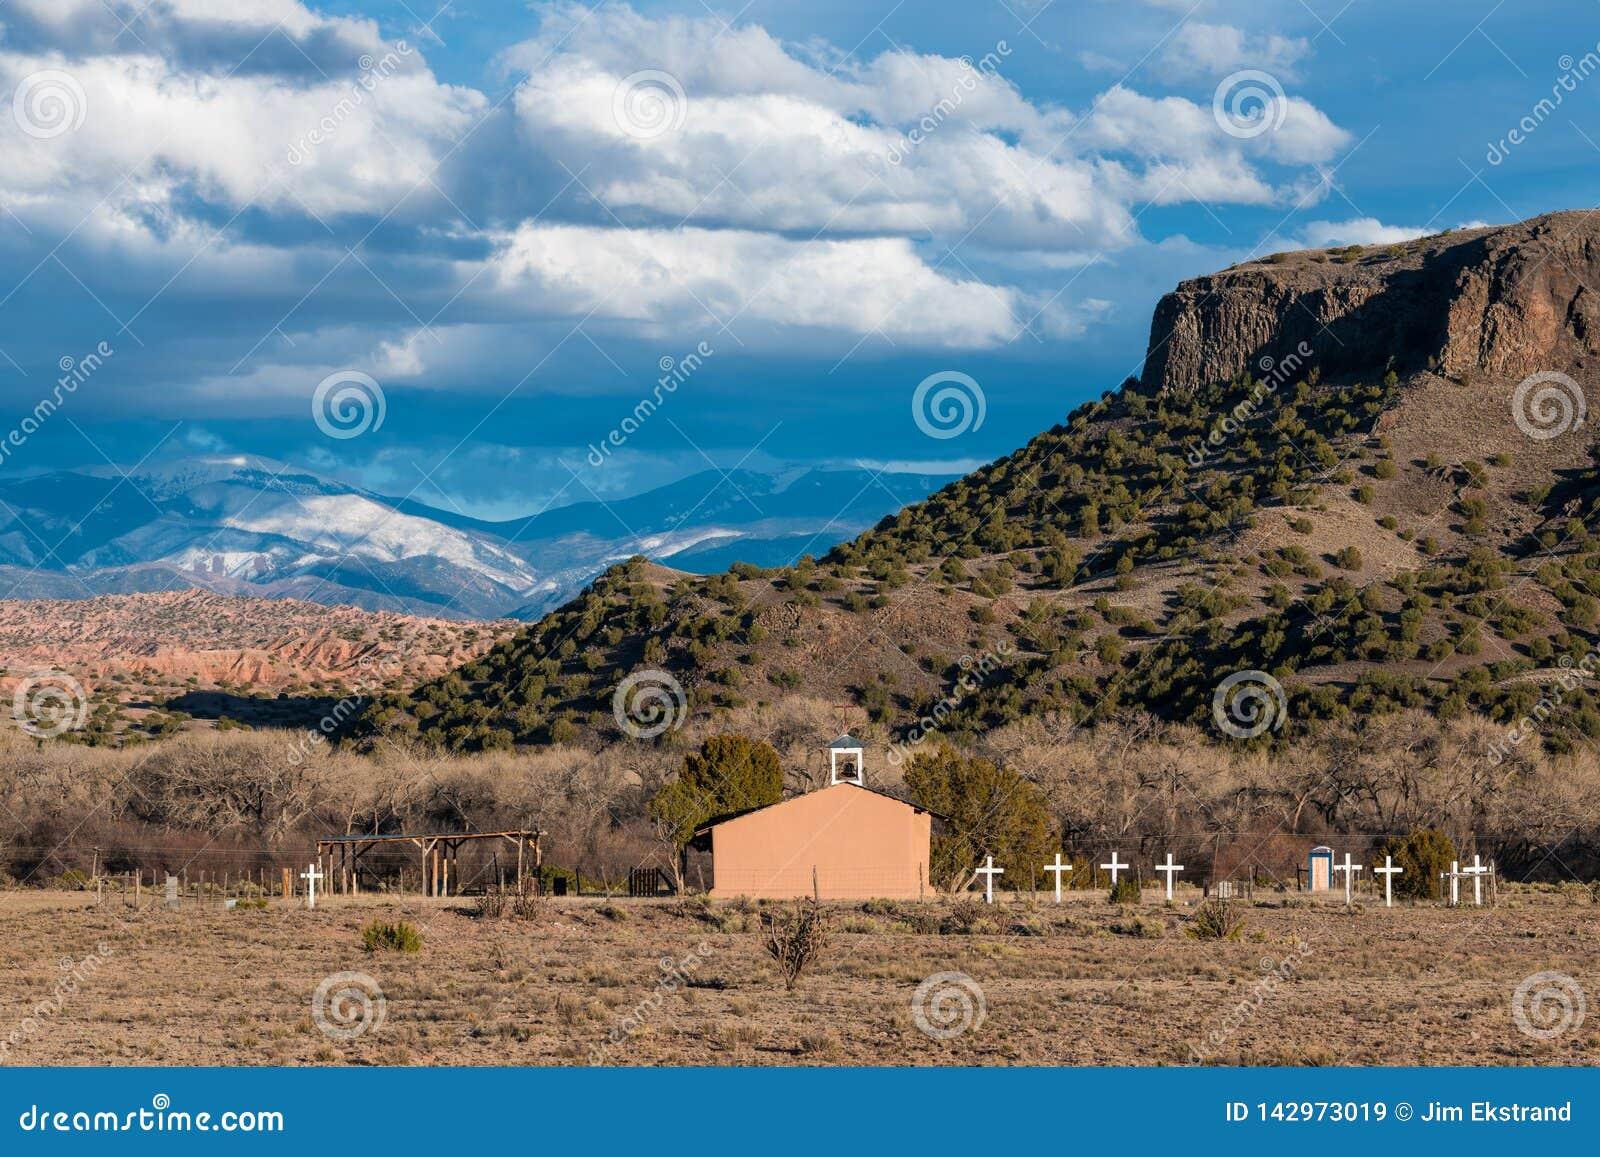 Μια παλαιά ισπανική εκκλησία ύφους αποστολής με μια σειρά των άσπρων σταυρών σε ένα νοτιοδυτικό τοπίο των mesas, badlands, και τω